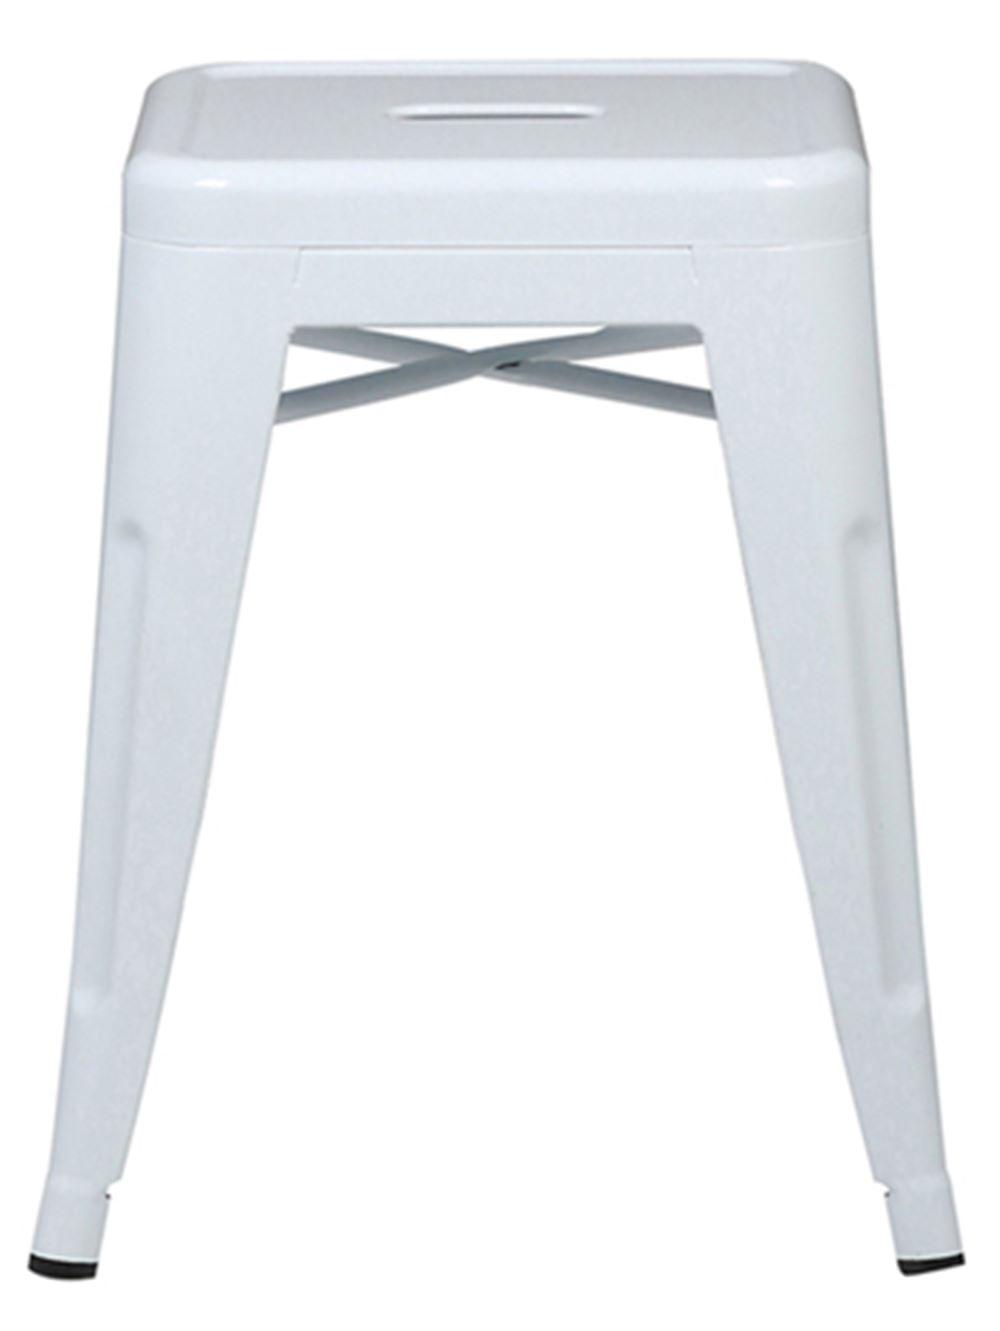 Banqueta Iron Baixa Cor Branca 46 CM (ALT) - 37985